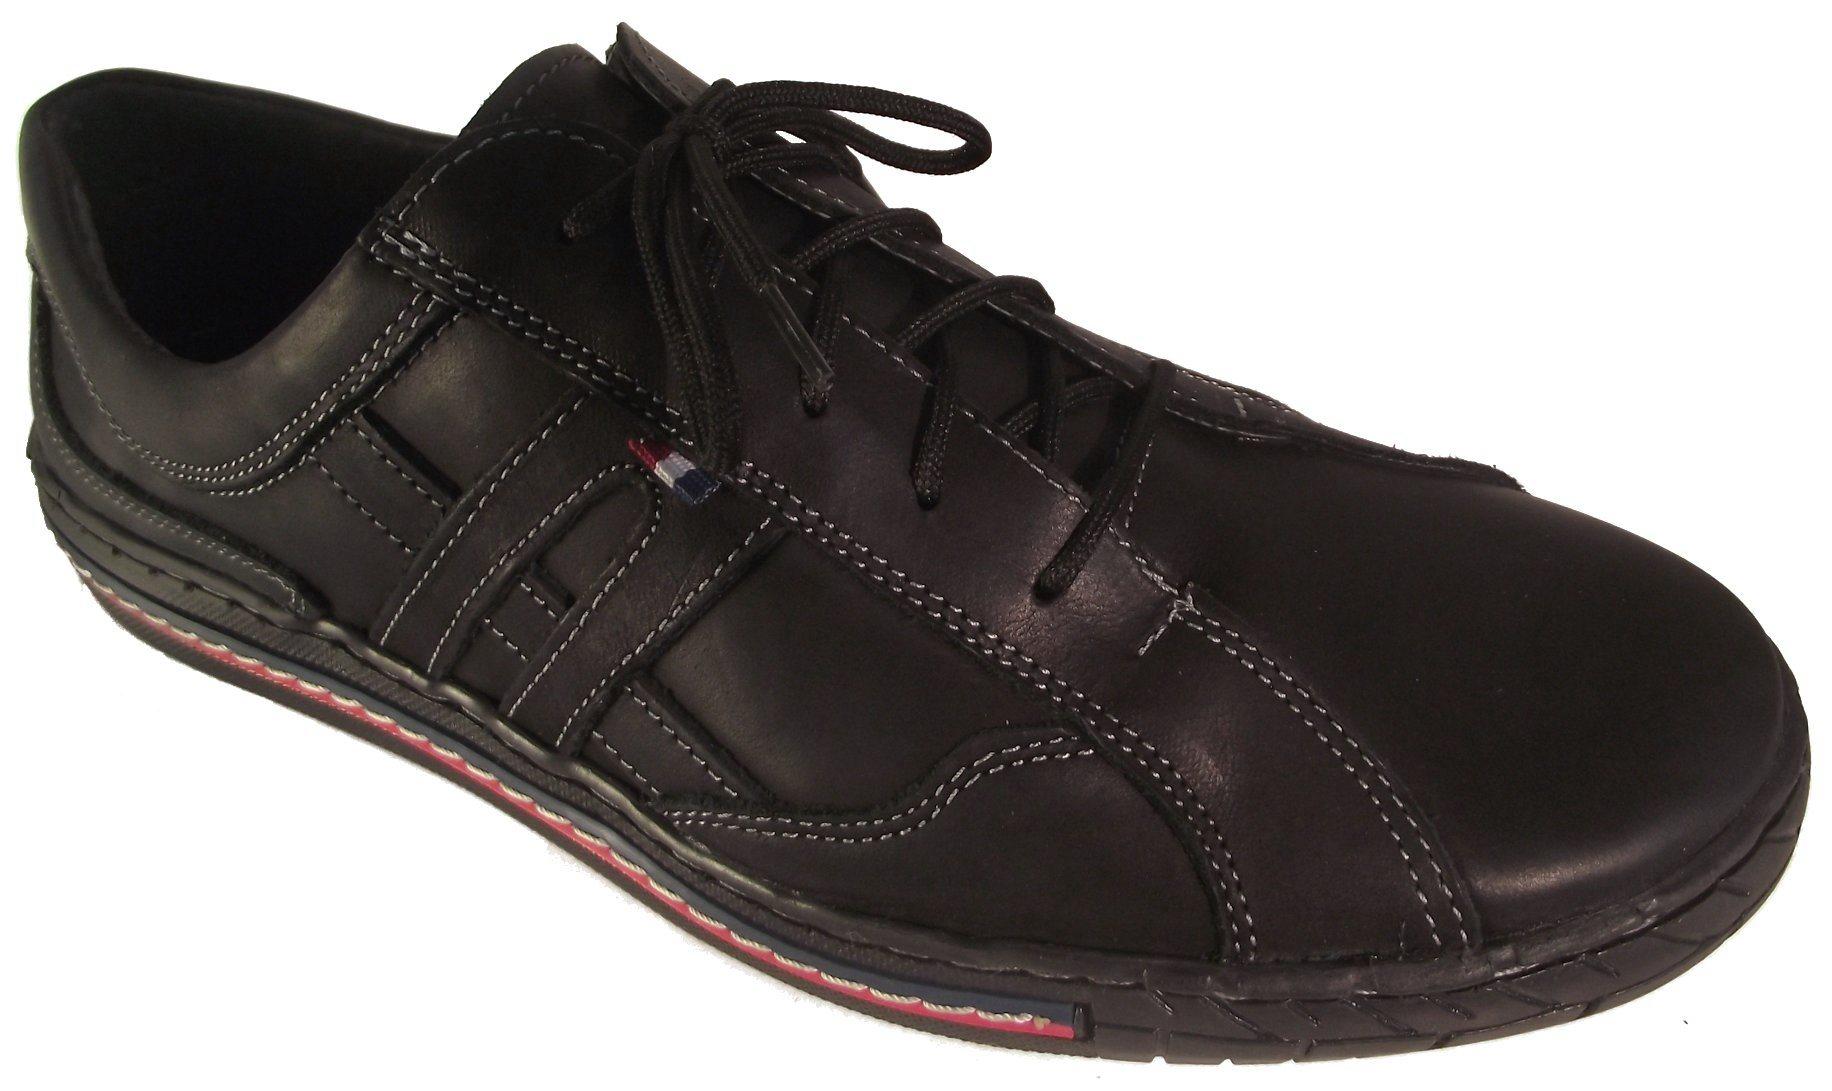 Pánská vycházková obuv NES 4056 Velikost: 41 (EU)